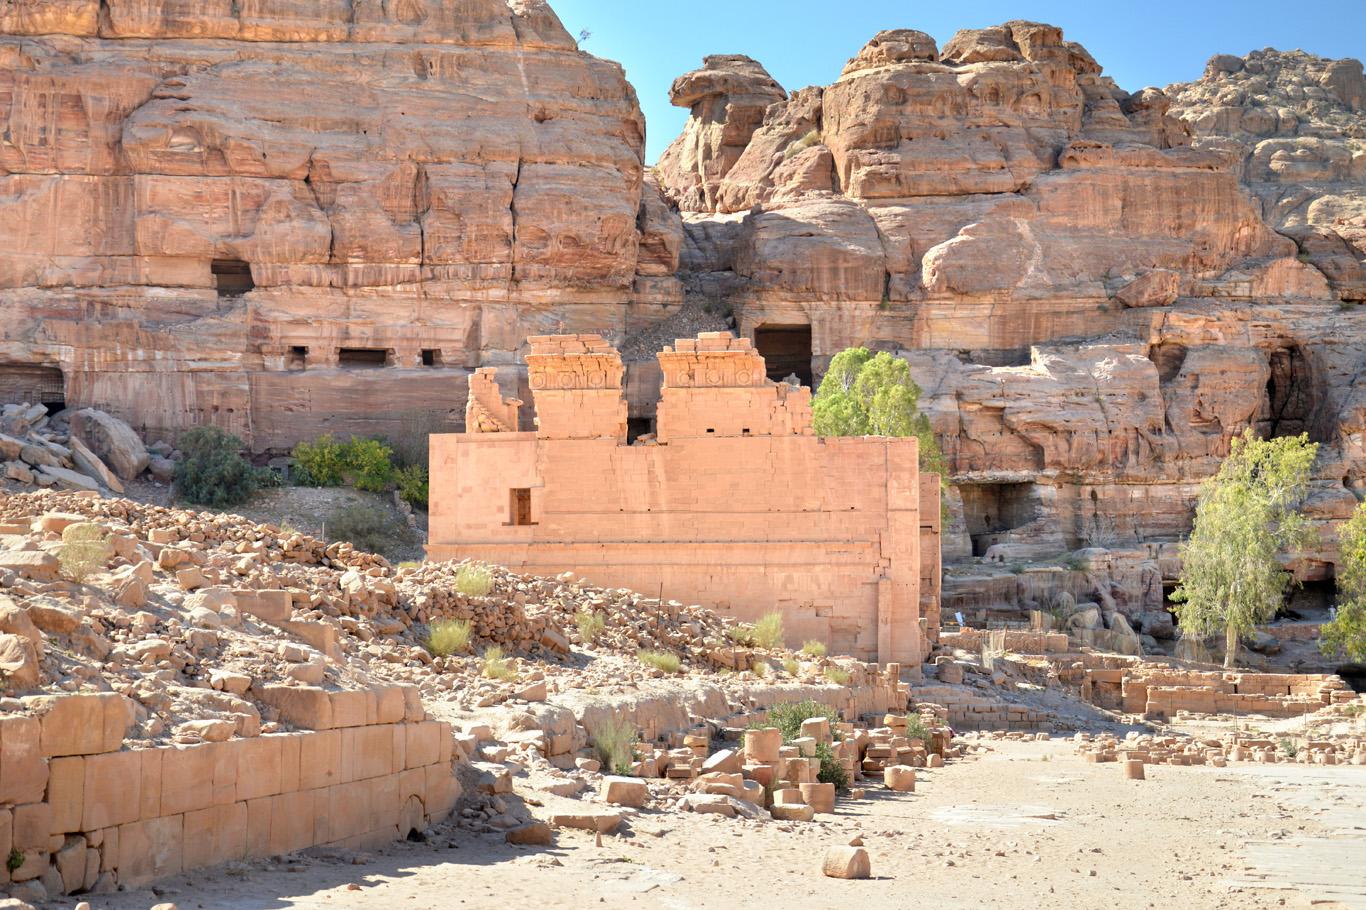 Qasr al-Bint Temple seen from Colonnaded Street